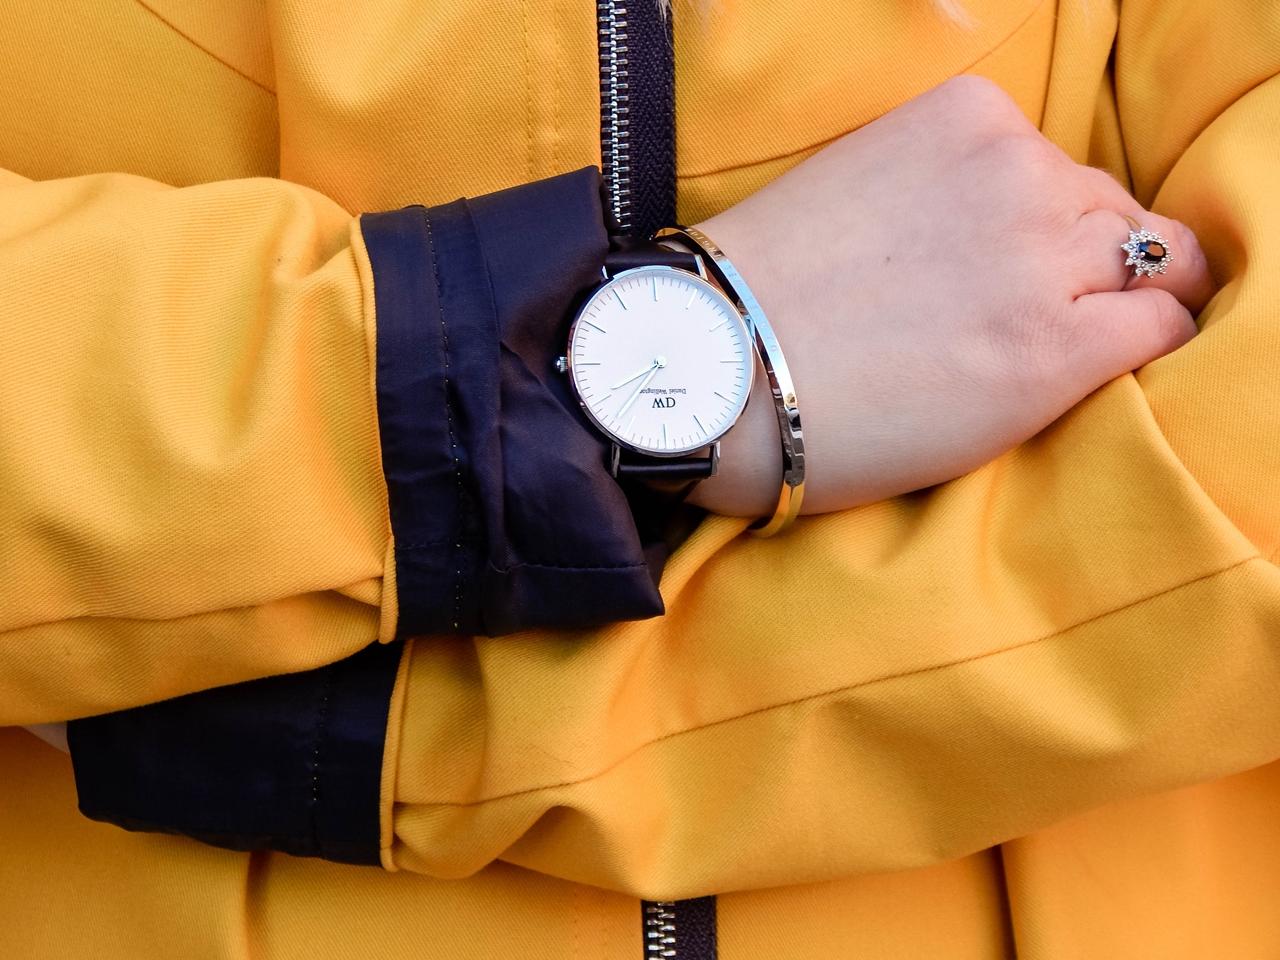 6 żółty płaszcz sztormiak kurtka w intendywnym kolorze daniel wellington kod zniżkowy blog melodylaniella łódź moda style ootd outfit lookbook